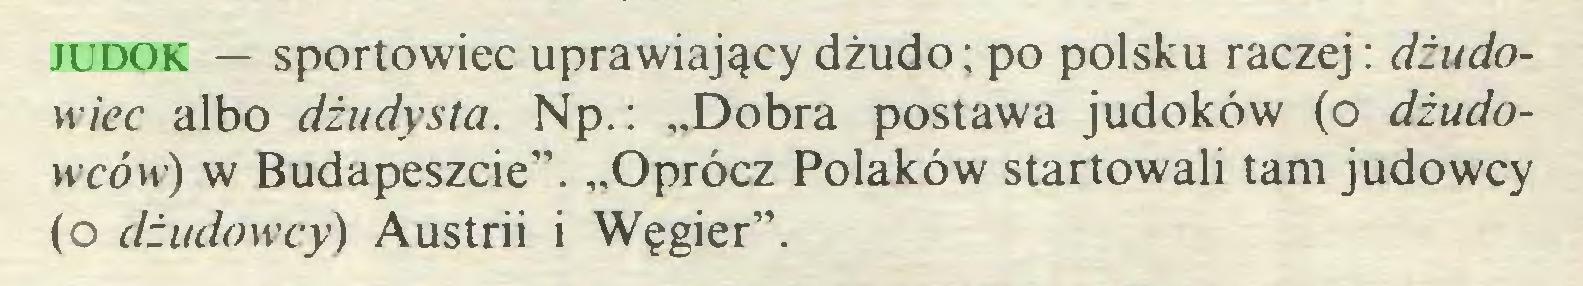 """(...) judok — sportowiec uprawiający dżudo; po polsku raczej: dżudowiec albo dżudysta. Np.: """"Dobra postawa judoków (o dżudowców) w Budapeszcie"""". """"Oprócz Polaków startowali tam judowcy (o dżudowcy) Austrii i Węgier""""..."""